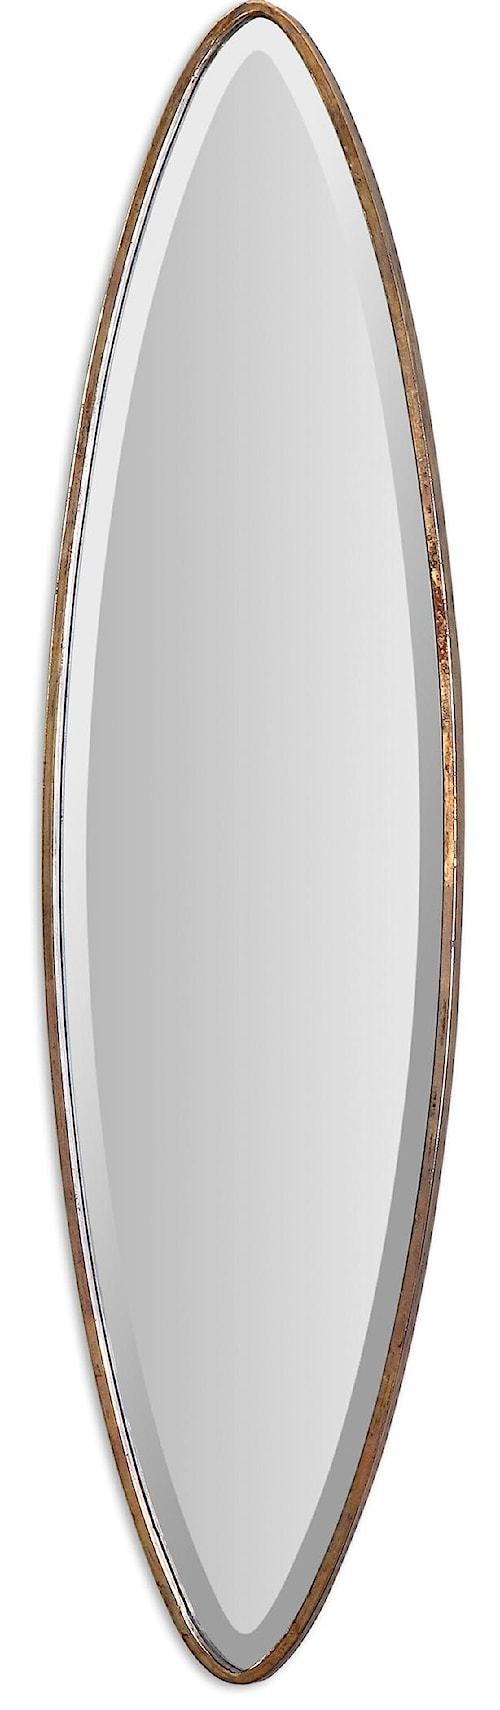 Uttermost Mirrors Ovar Gold Mirror